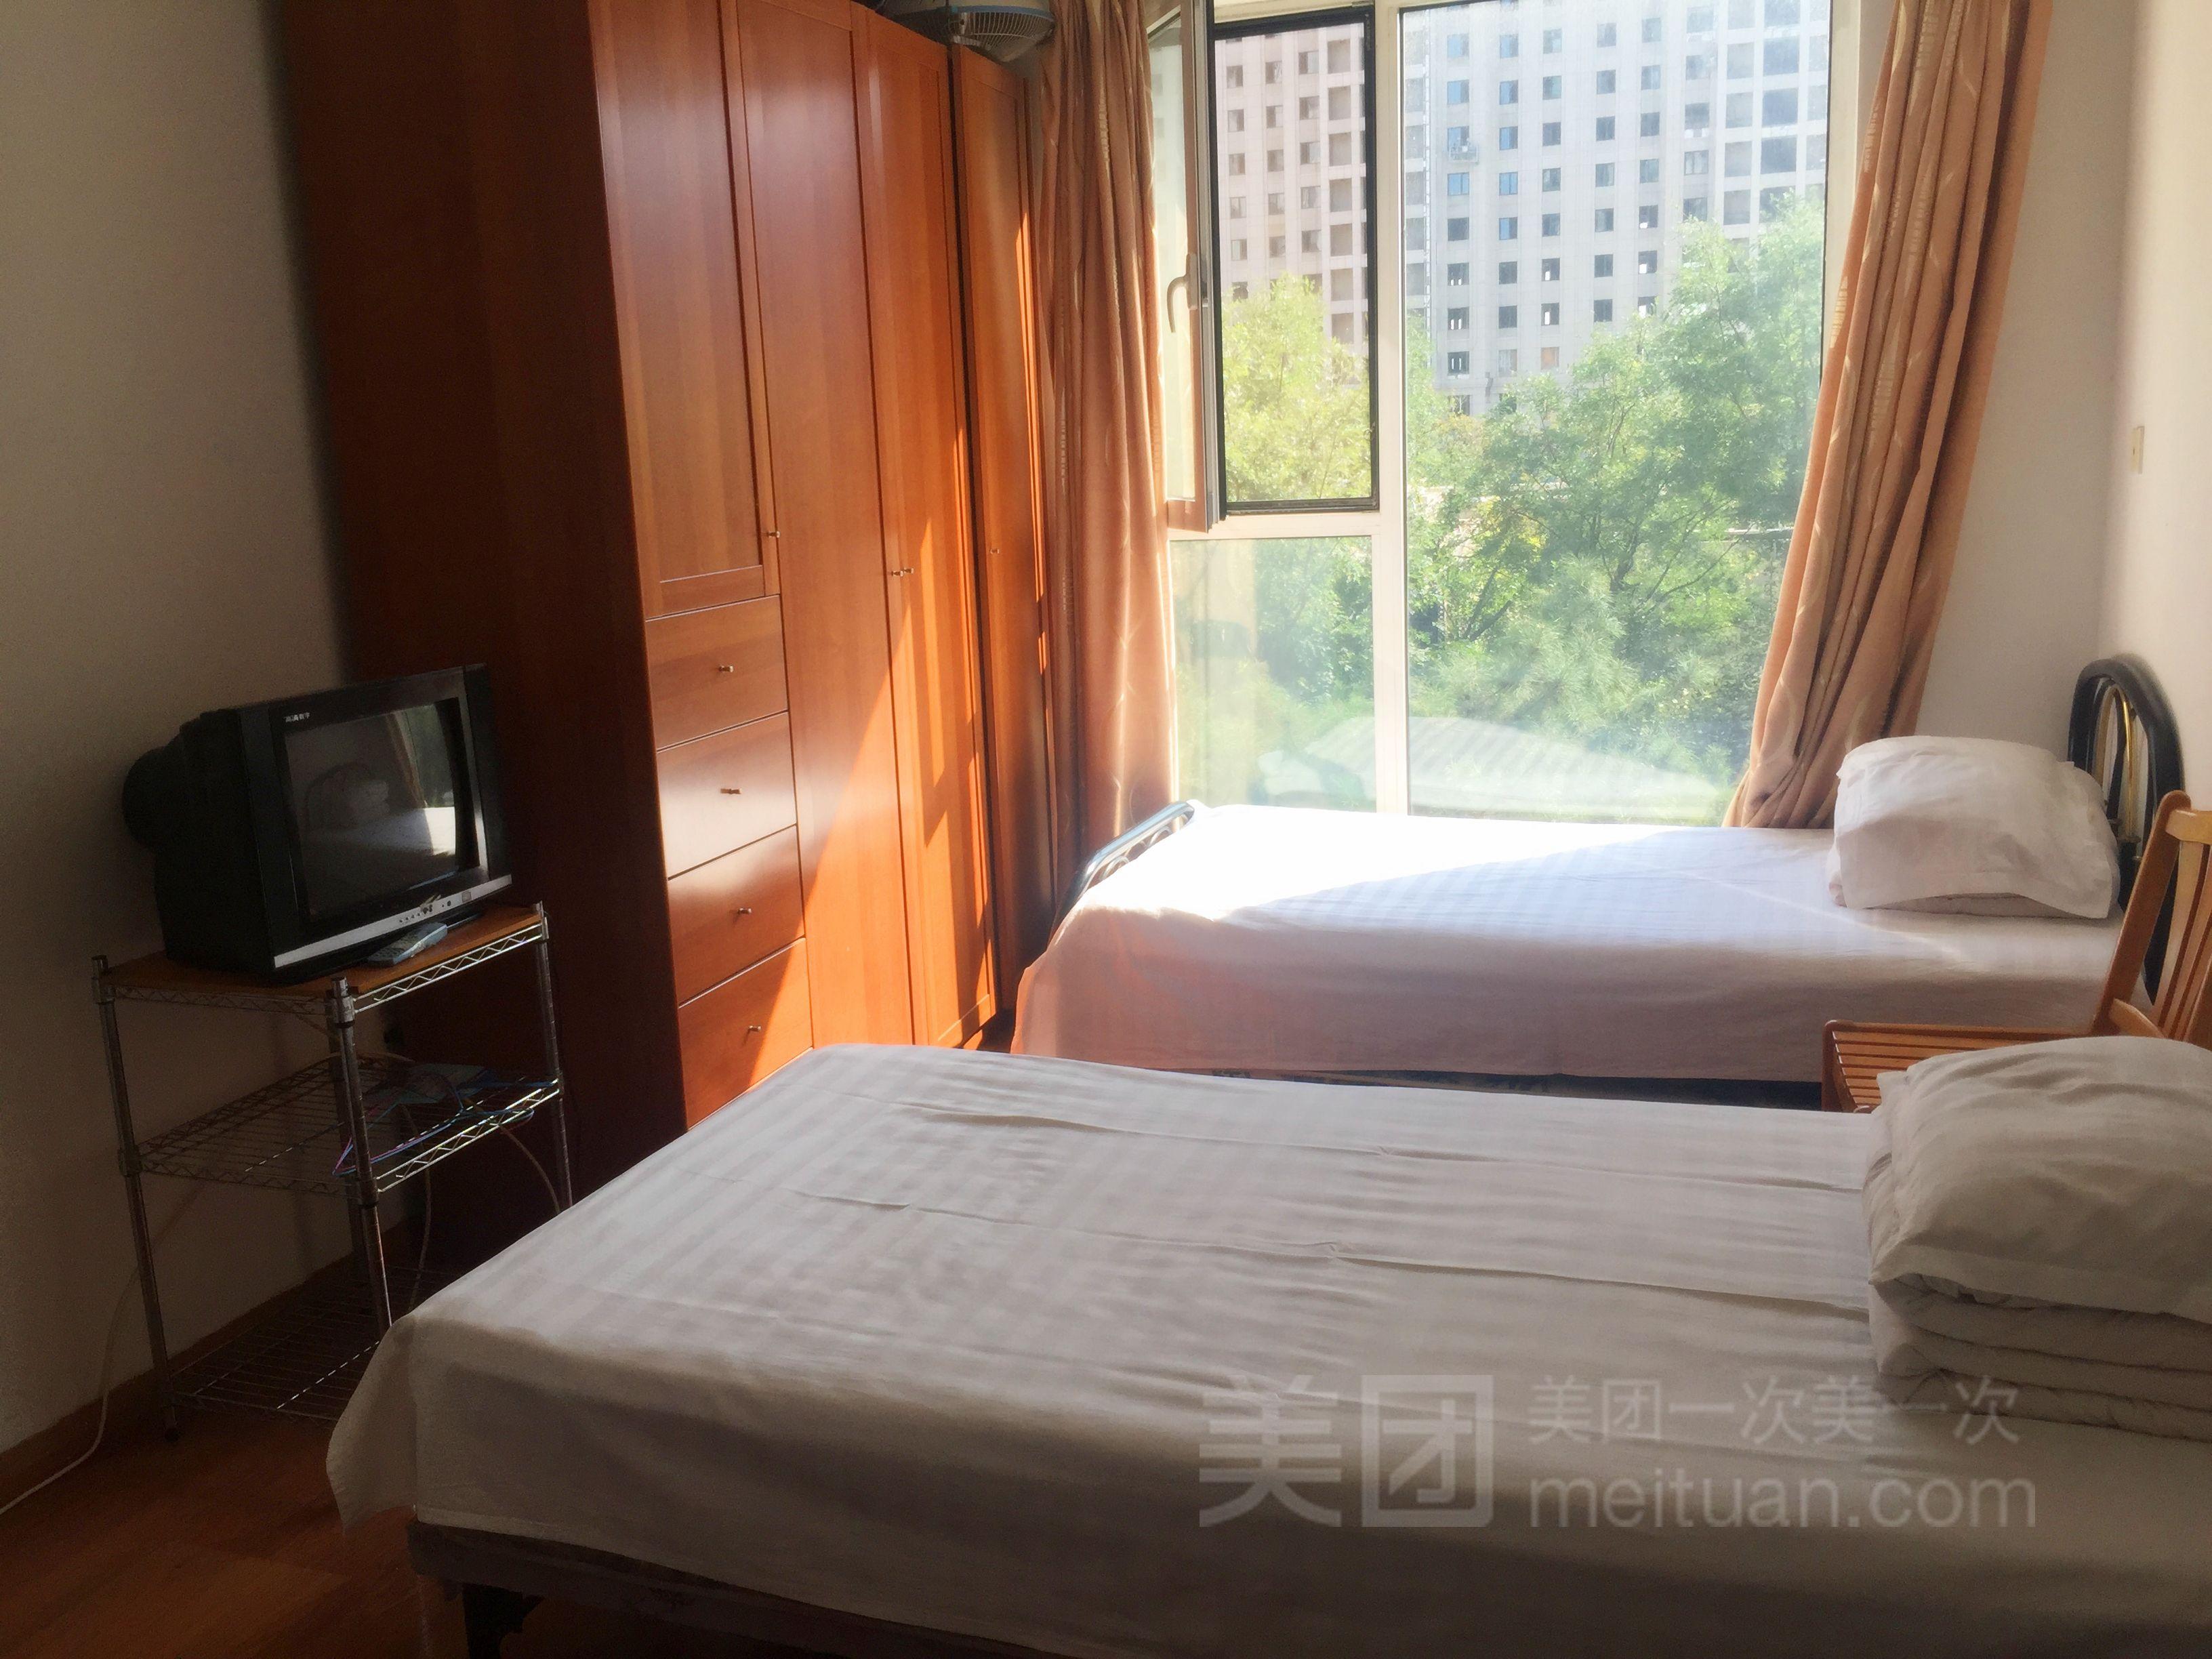 302安康家庭旅馆预订/团购